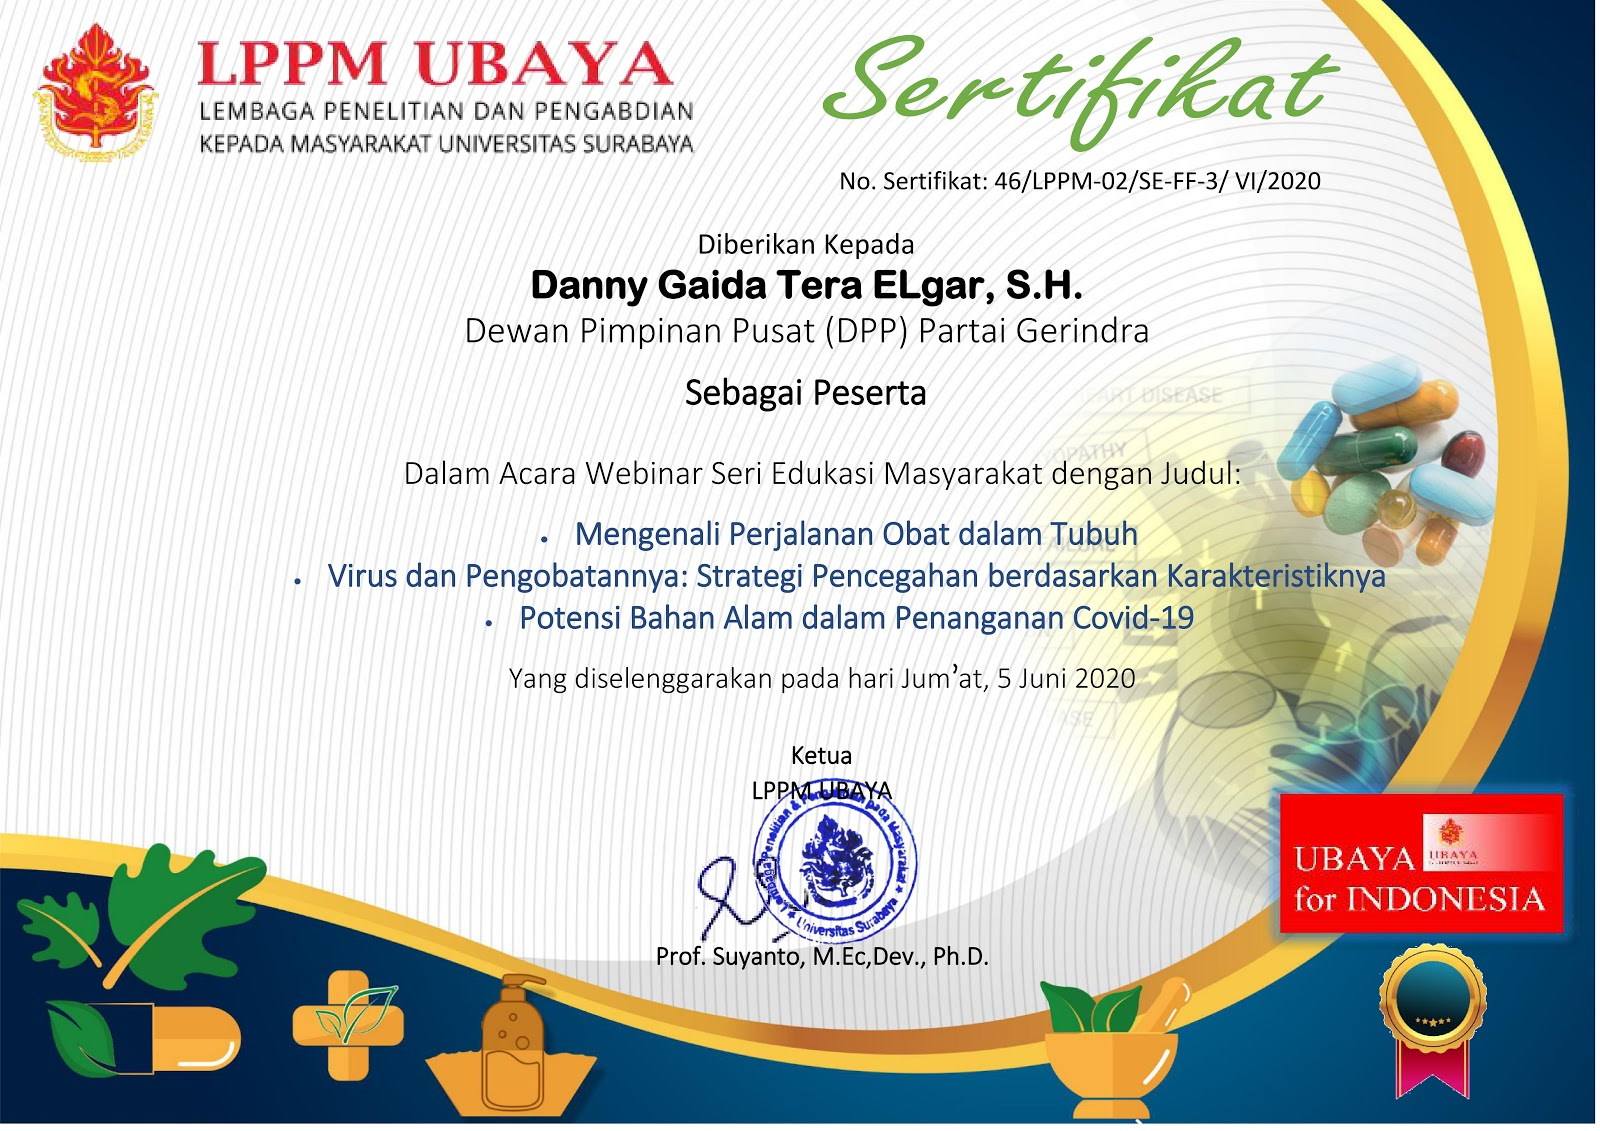 Sertifikat Lembaga Penelitian dan Pengabdian kepada Masyarakat (LPPM) Universitas Surabaya (UBAYA) Webinar Seri Edukasi Masyarakat | JUM'AT, 5 JUNI 2020 | Dewan Pimpinan Pusat (DPP) Partai Gerindra